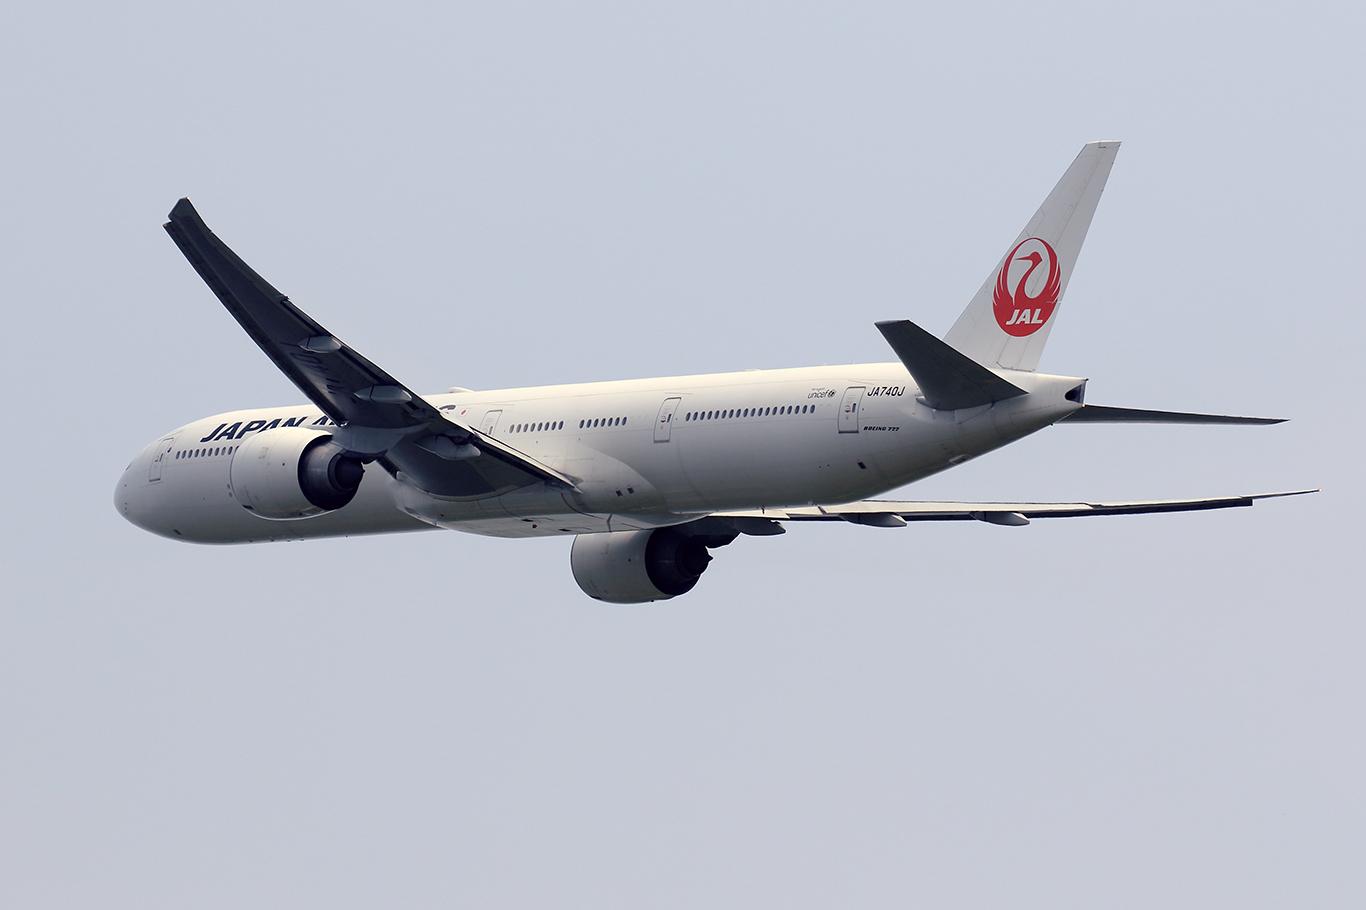 JL/JAL/日本航空 JL6710 B777-300ER JA740J